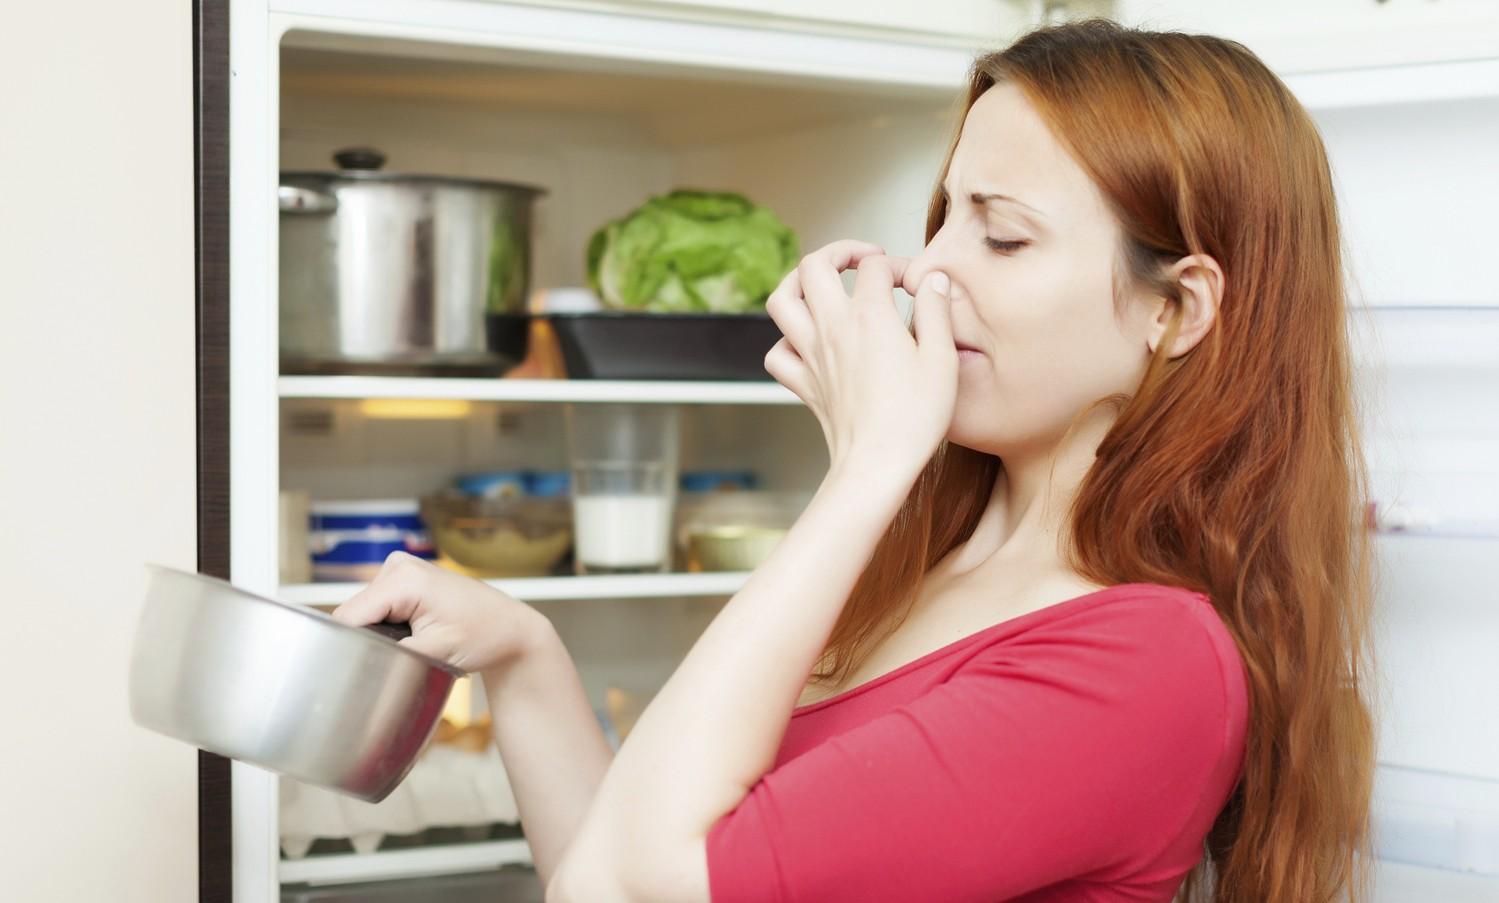 Mantener sin olores el refrigerador